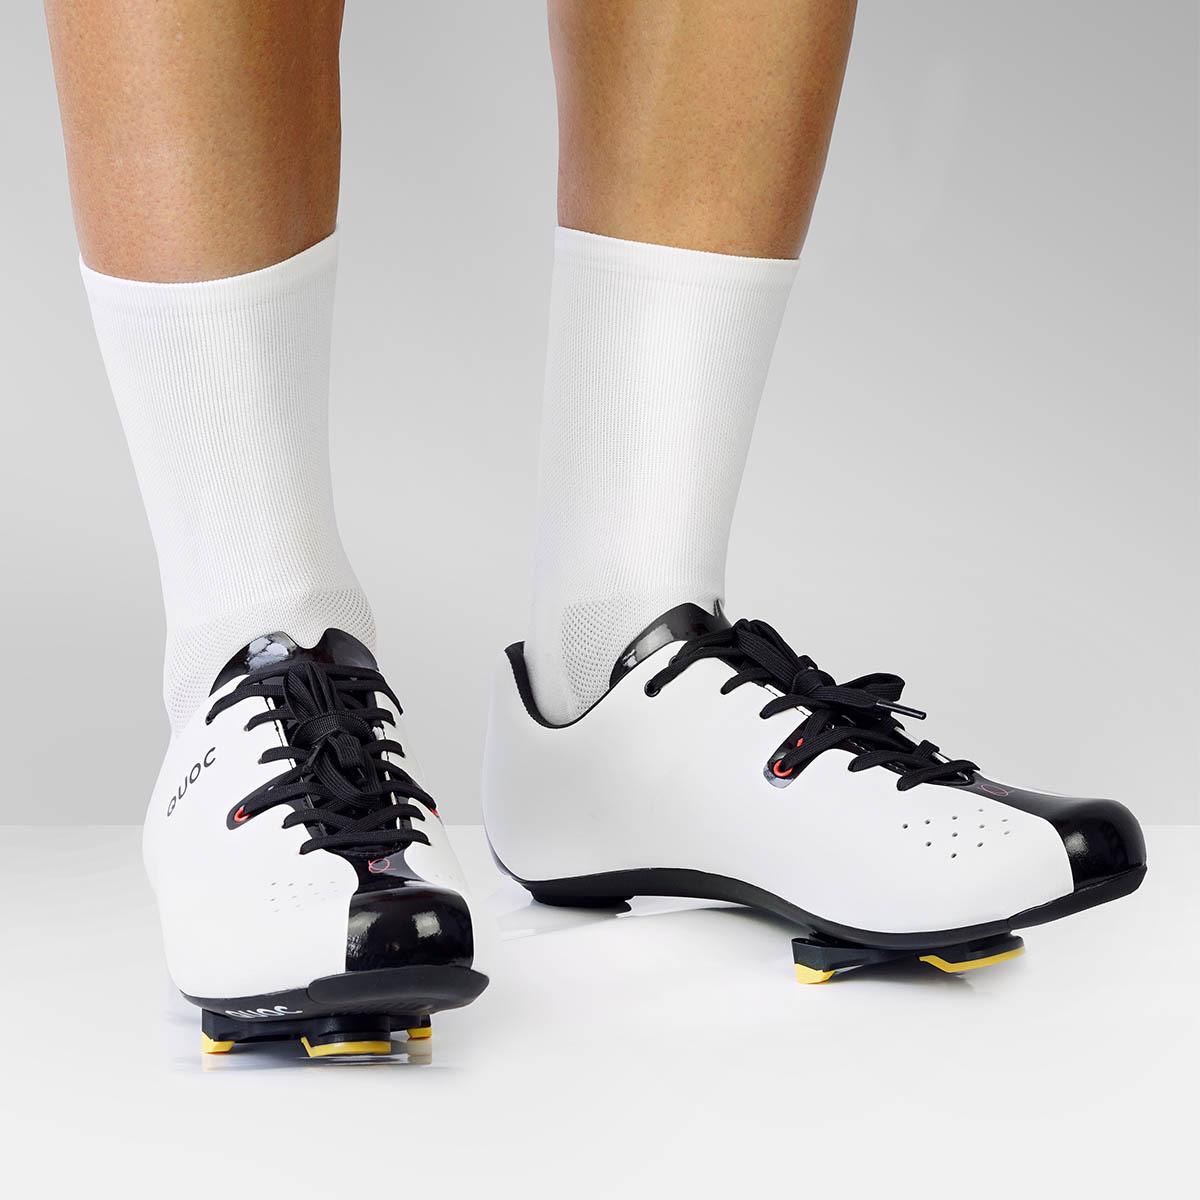 Bez logo - wysokie (odpowiednie)białe skarpety kolarskie Luxa dla rowerzystów. Buty szosowe QUOC